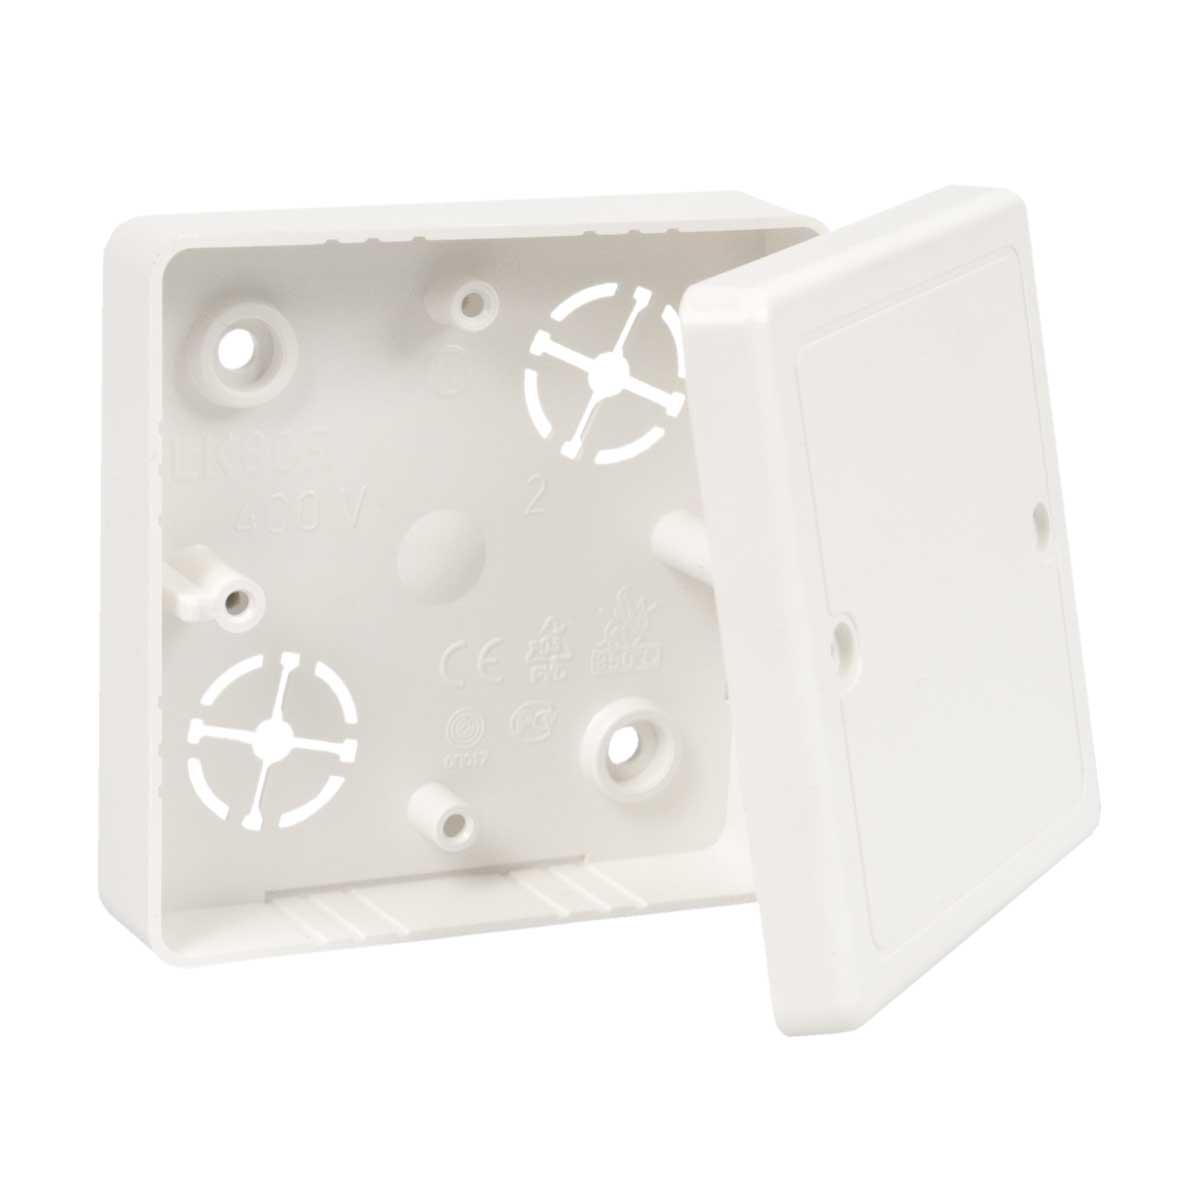 Коробка приладова з кришкою ПВХ; розміри 81х81х16мм